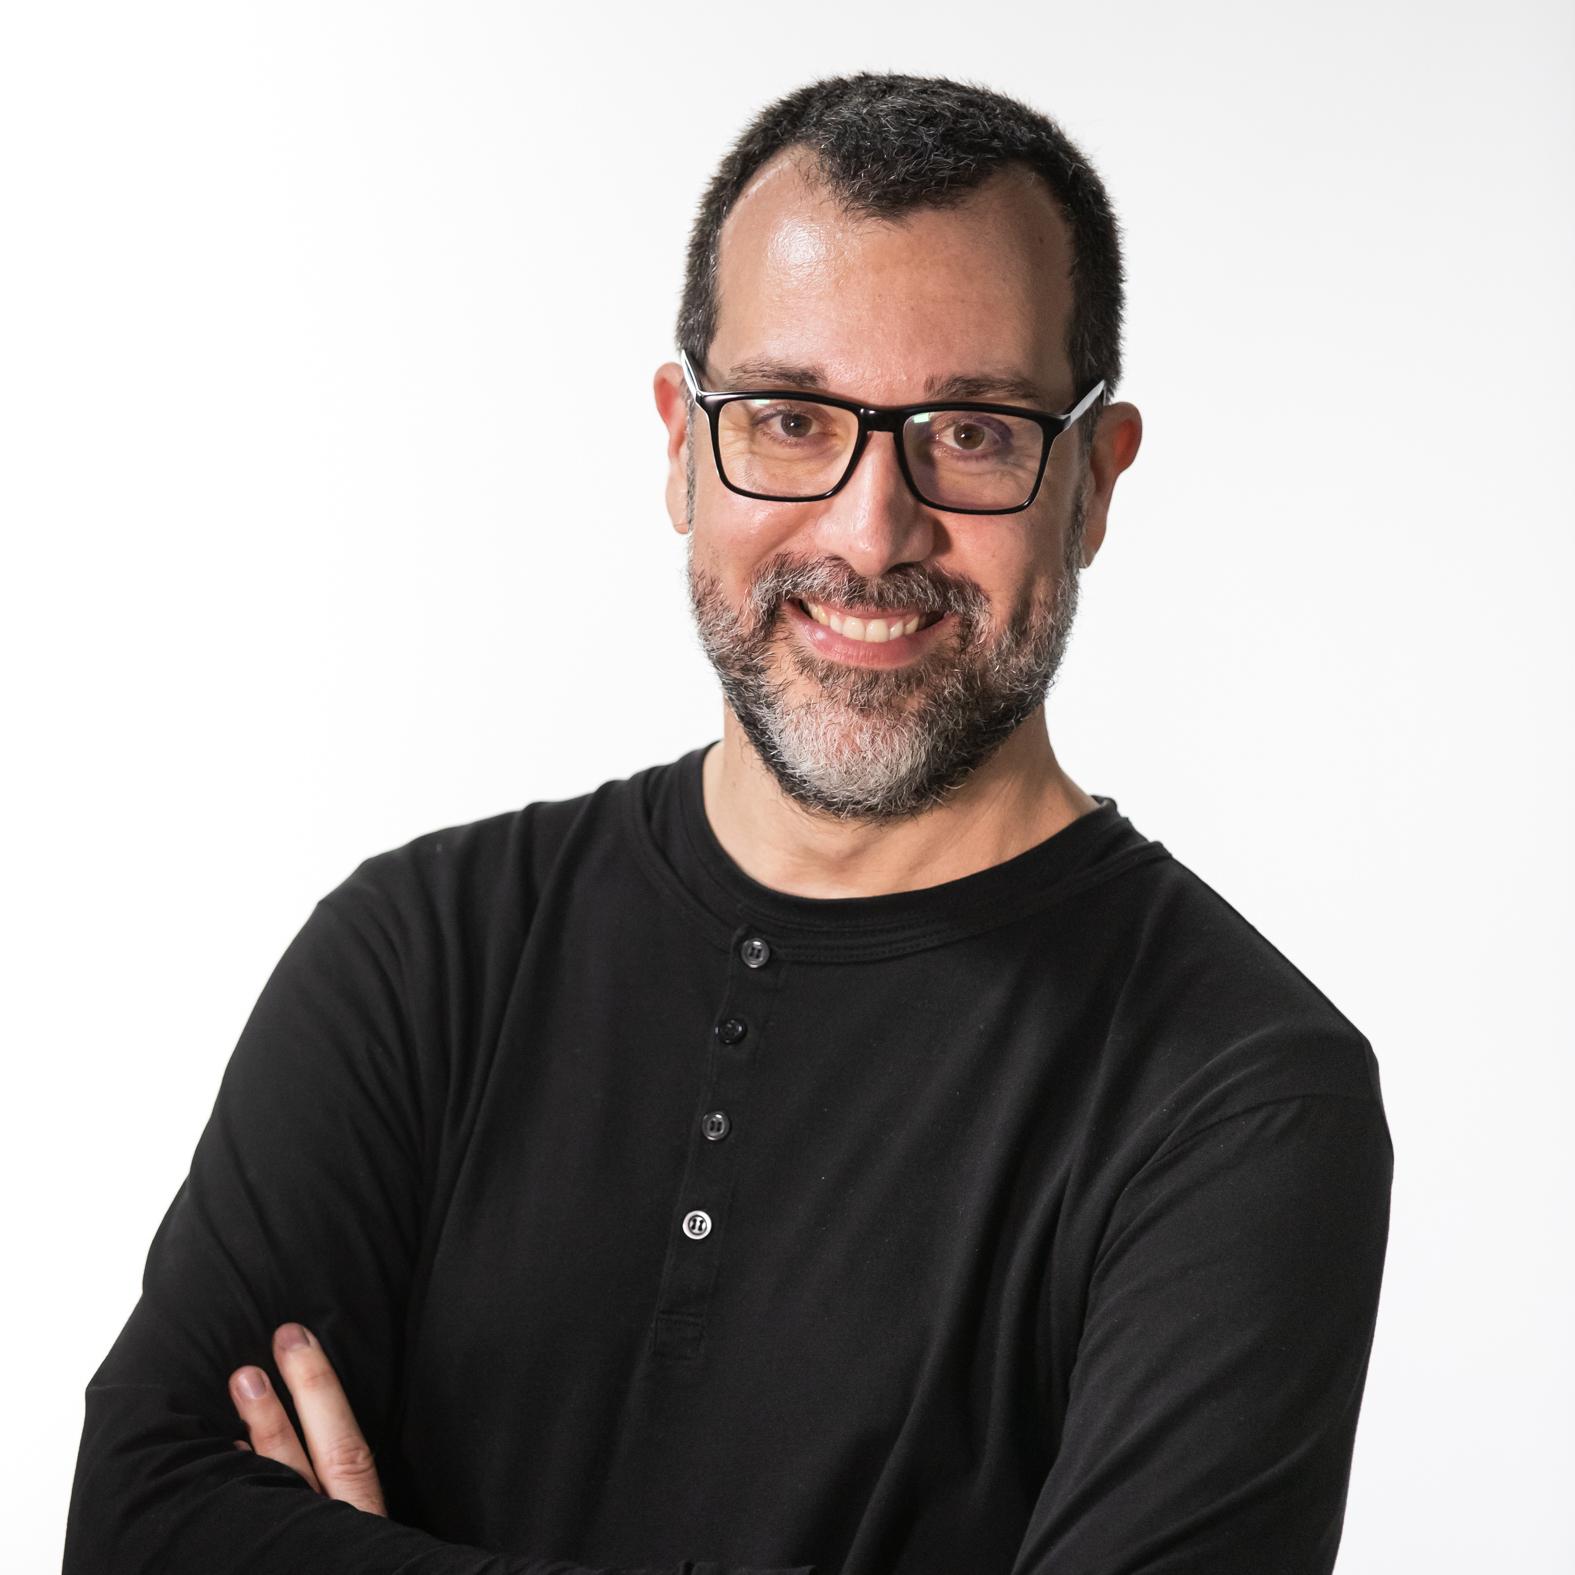 Miguel Comino Haro